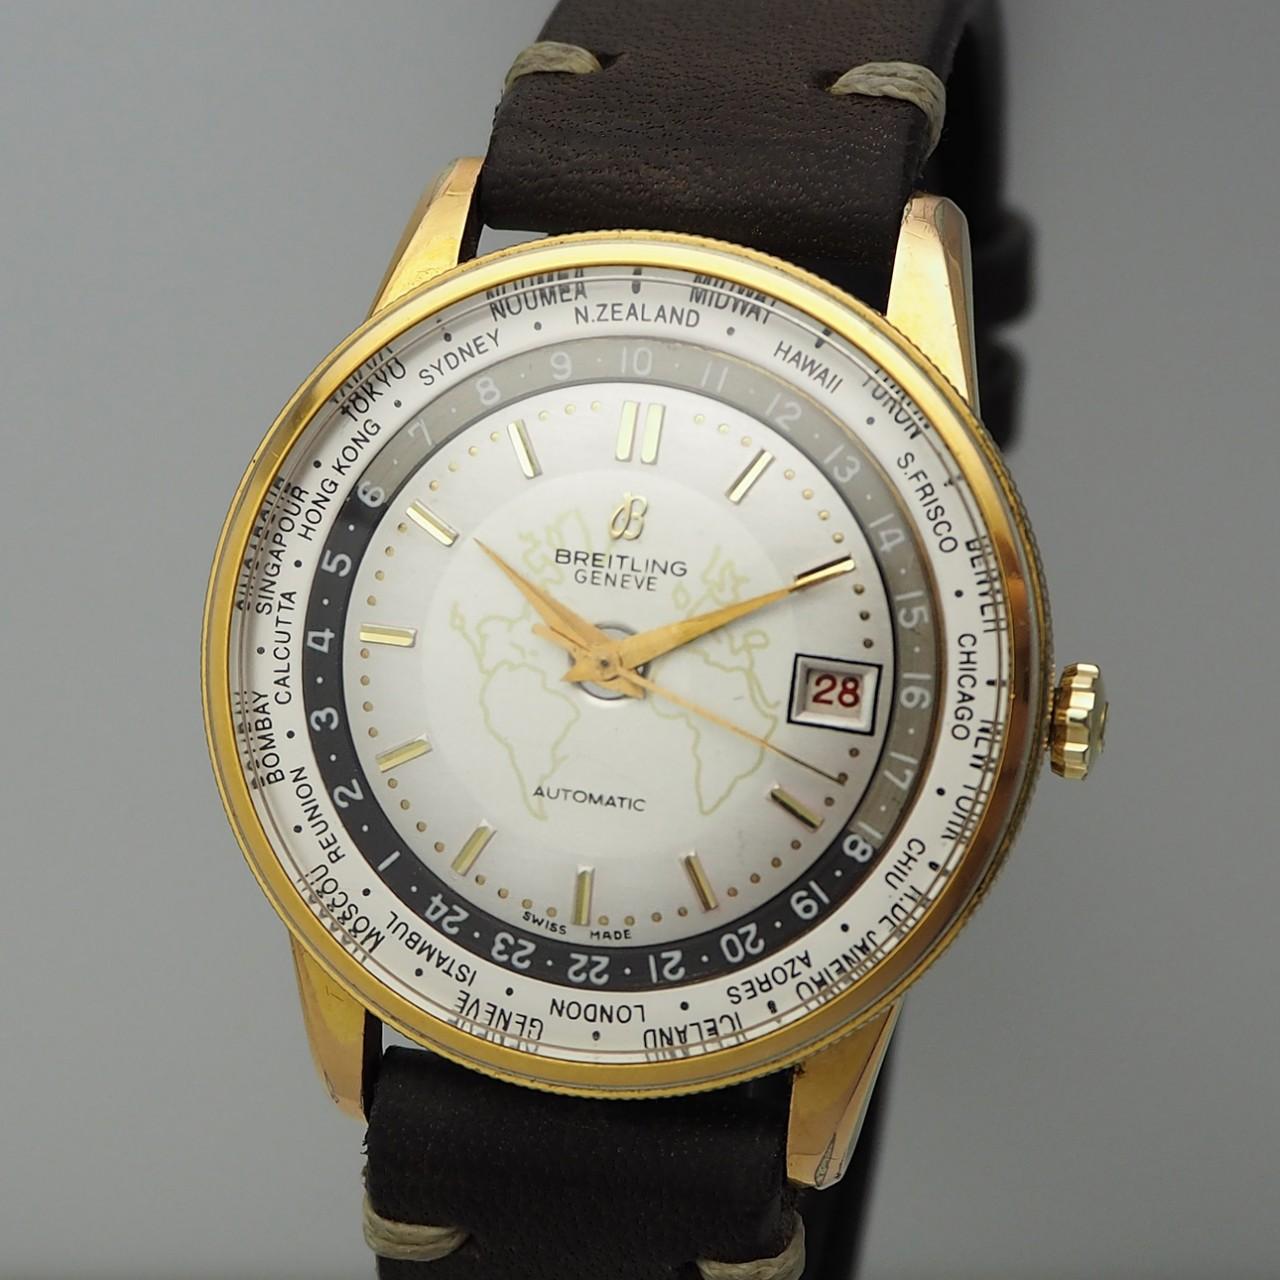 Breitling Unitime Vintage Ref.: 1 260 Bidynator -Felsa 711 Weltzeit Kalender Automatik-